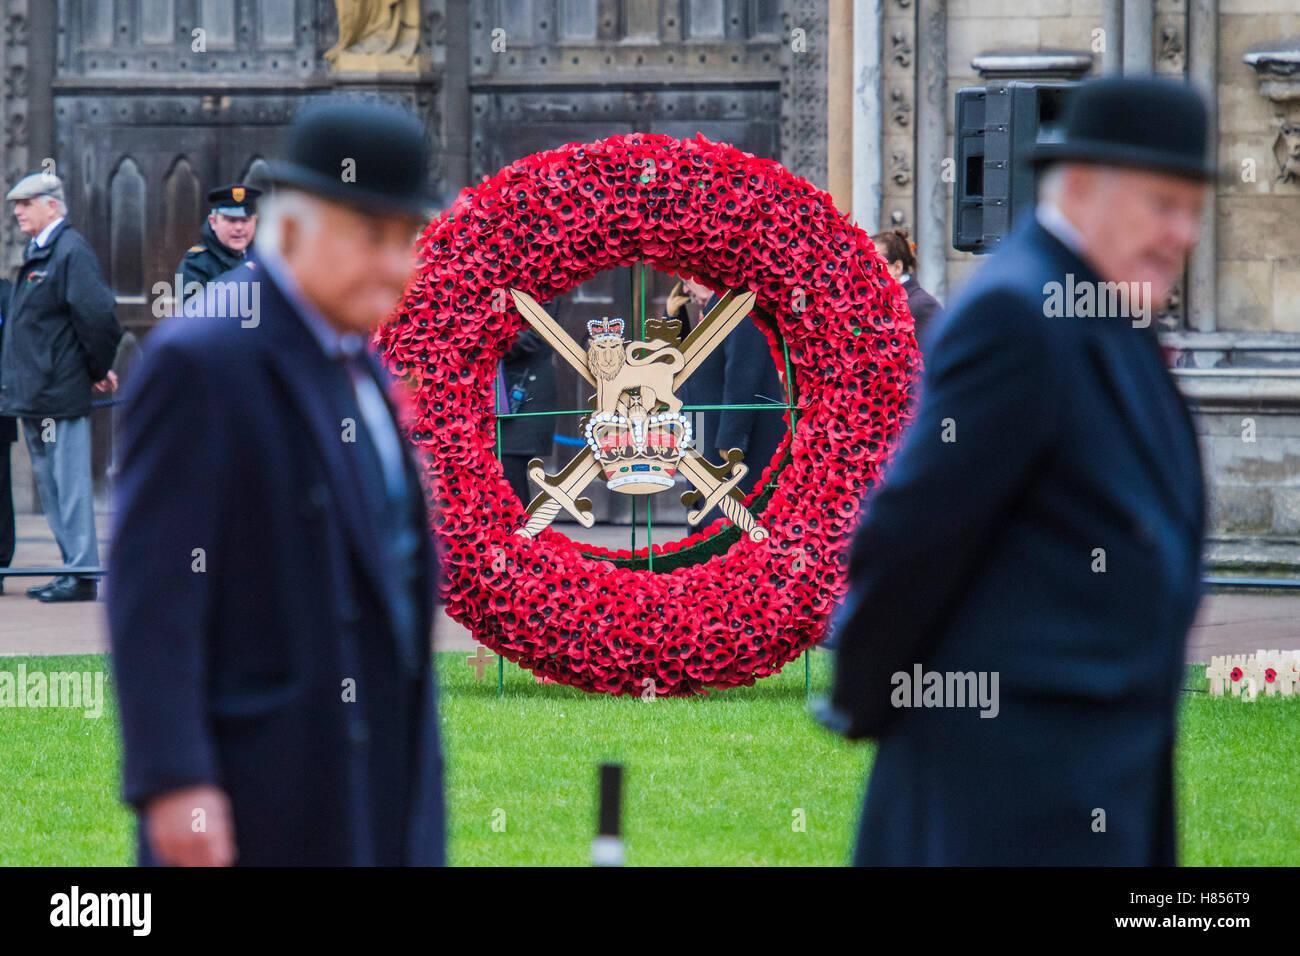 Londra, Regno Unito. Decimo Nov, 2016. Una gigantesca corona che rappresenta l'esercito - Il Duca di Edimburgo, Immagini Stock